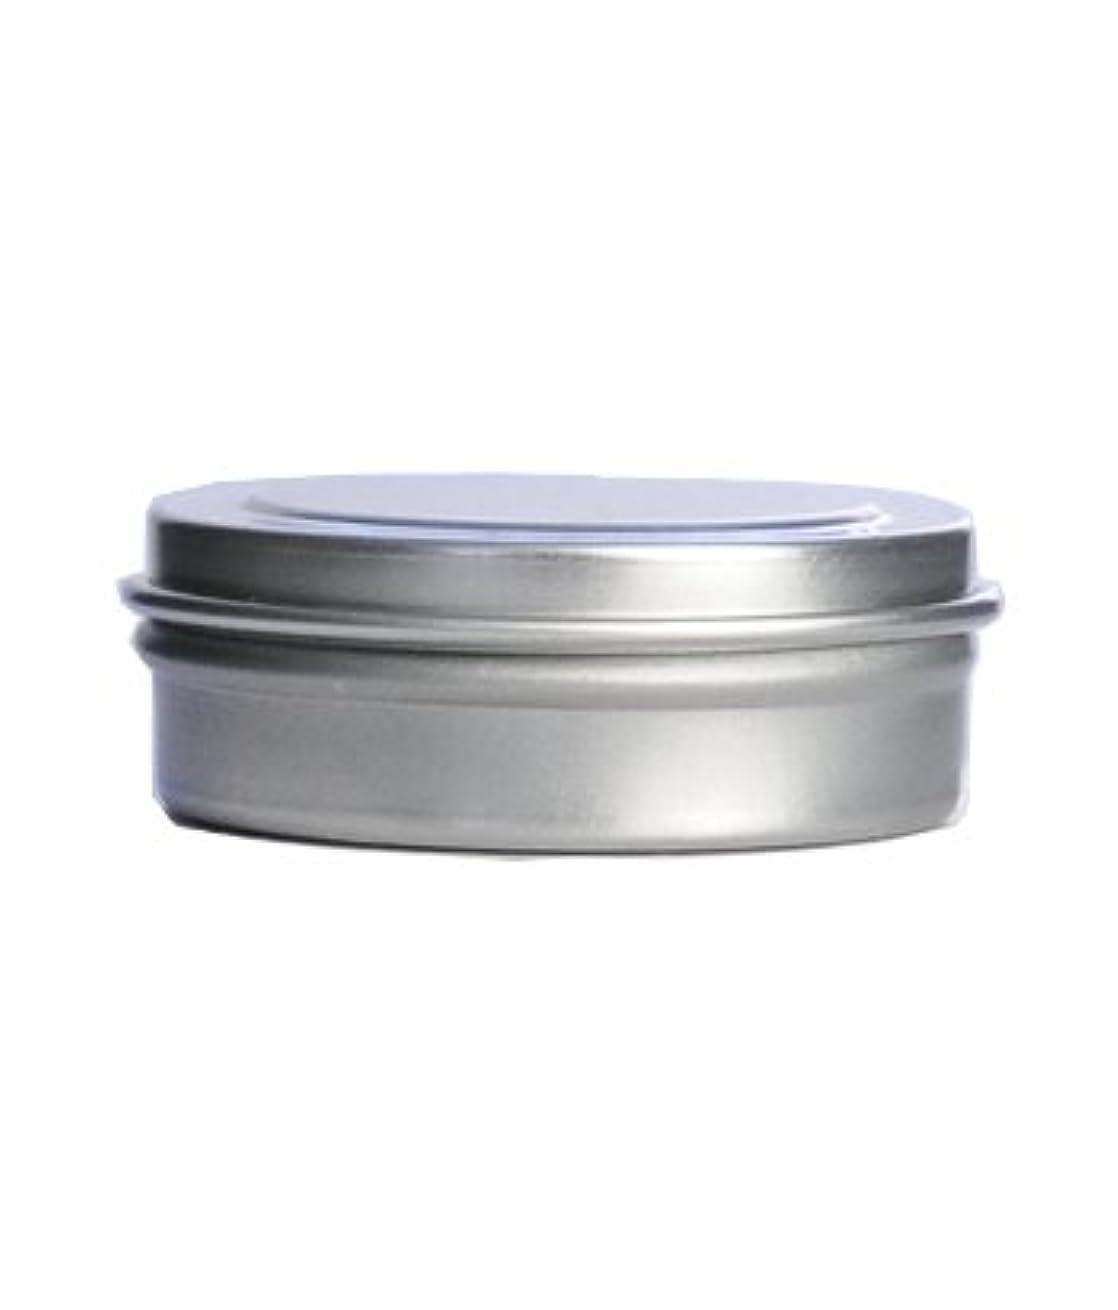 電池記録どこかメタルフラットジャー[10ml]/10個